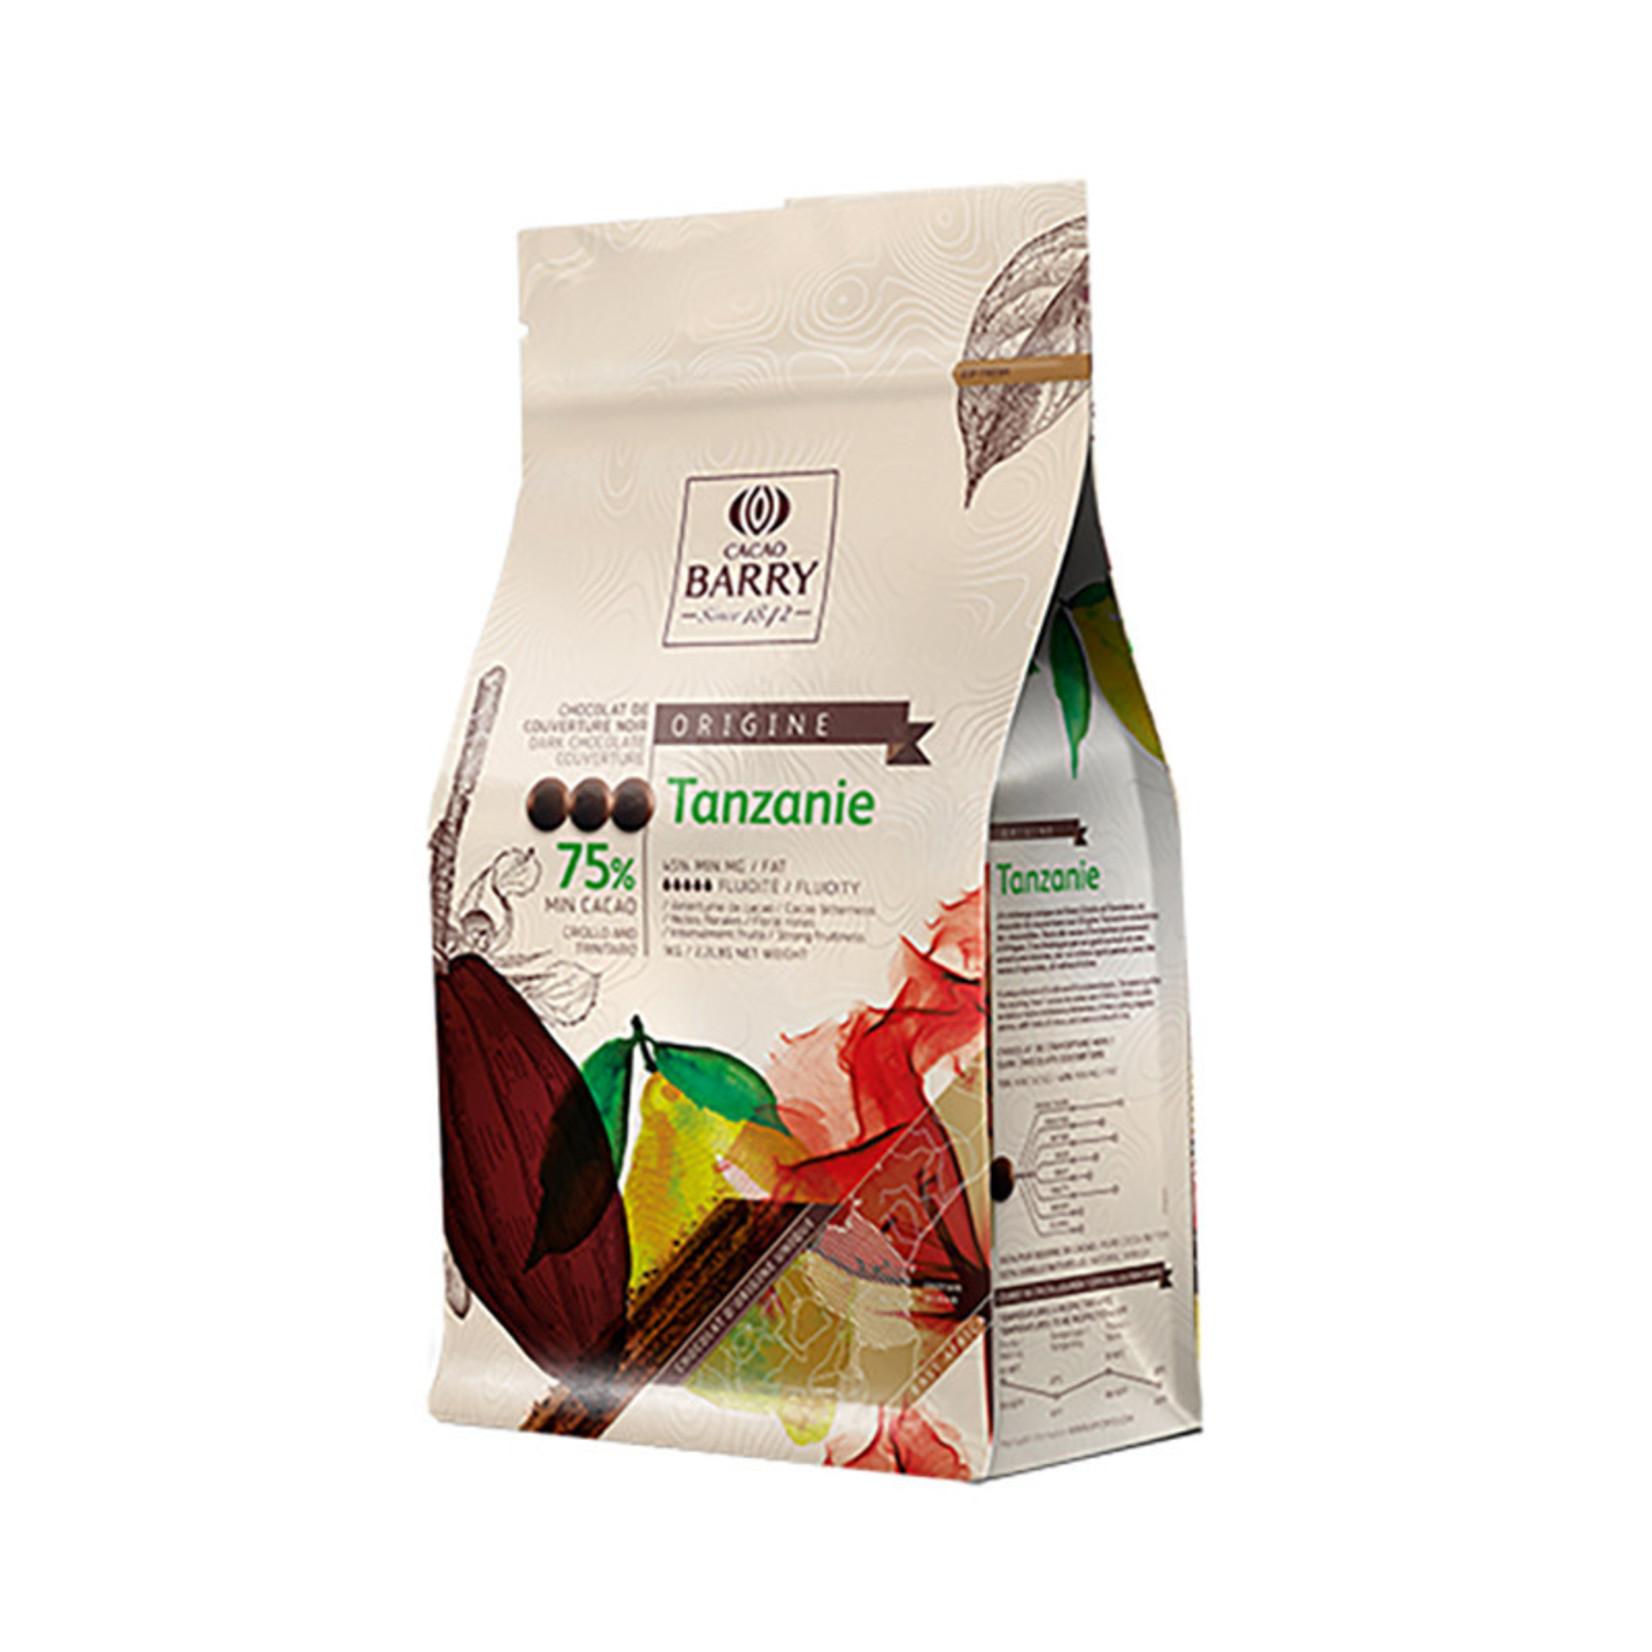 Cacao Barry Cacao Barry - Tanzanie Origine Dark Chocolate, 75% - 2.5kg/5.5lb, CHD-Q75TAZ-US-U75